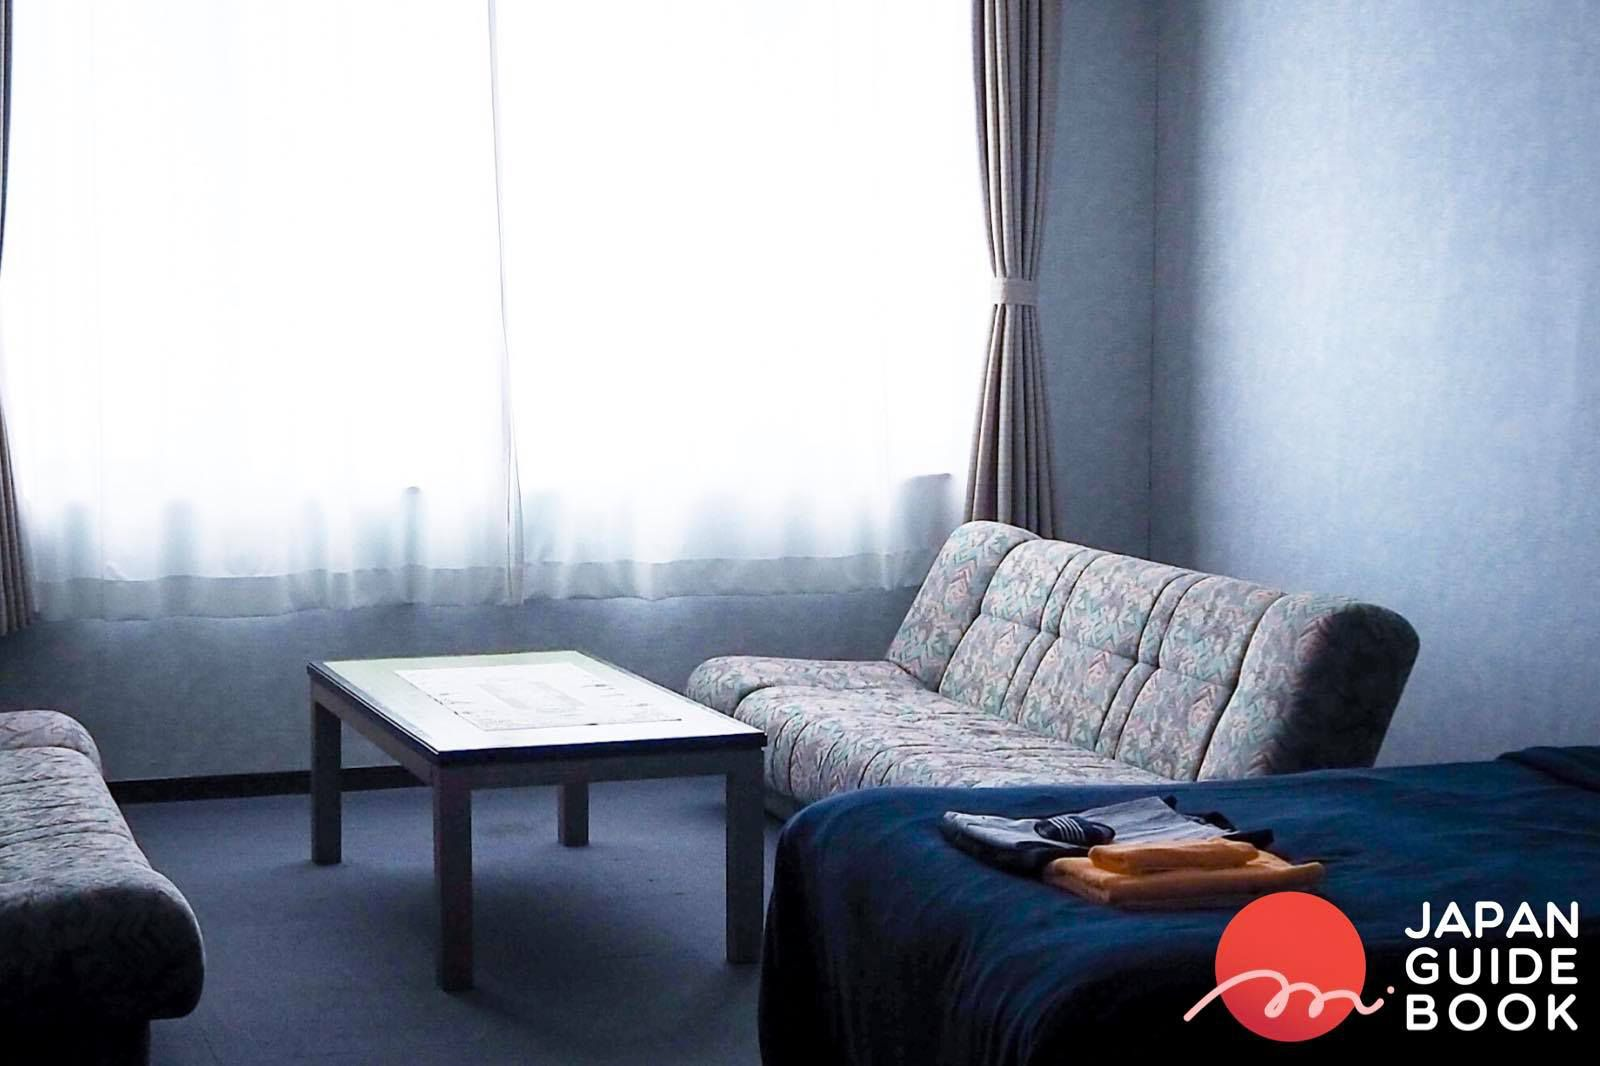 ห้องพักแบบตะวันตกในรีสอร์ตยามะยูริ